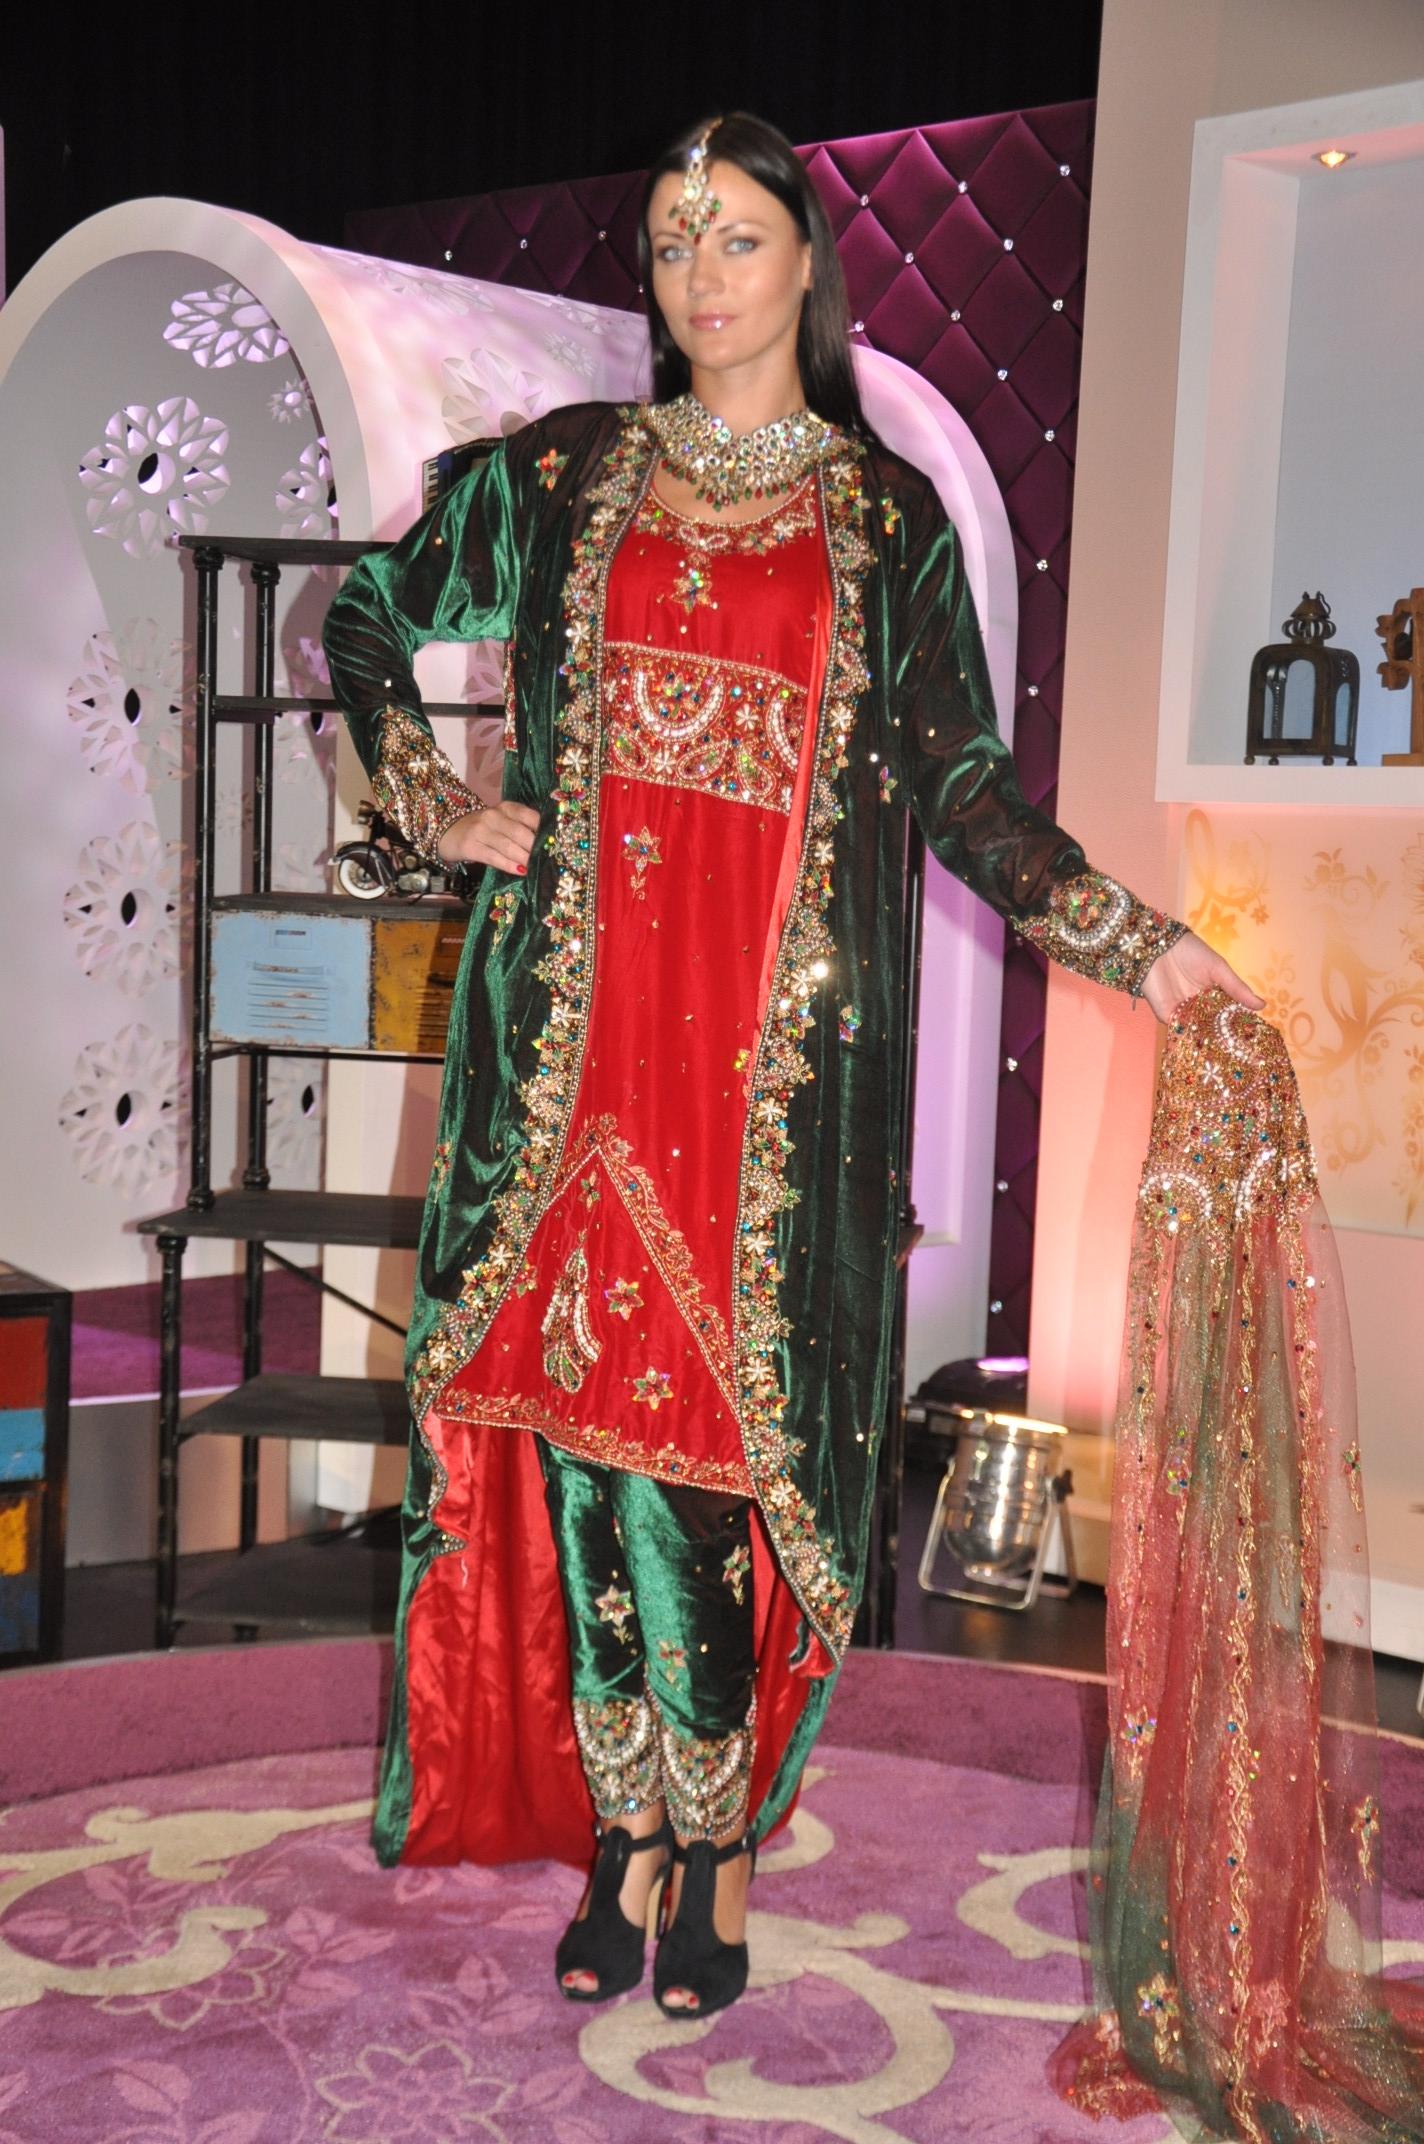 بالصور احدث ستايلات ازياء عمانية تقليدية ازياء عمانية قديمة , ملابس التراث للنساء 3070 3